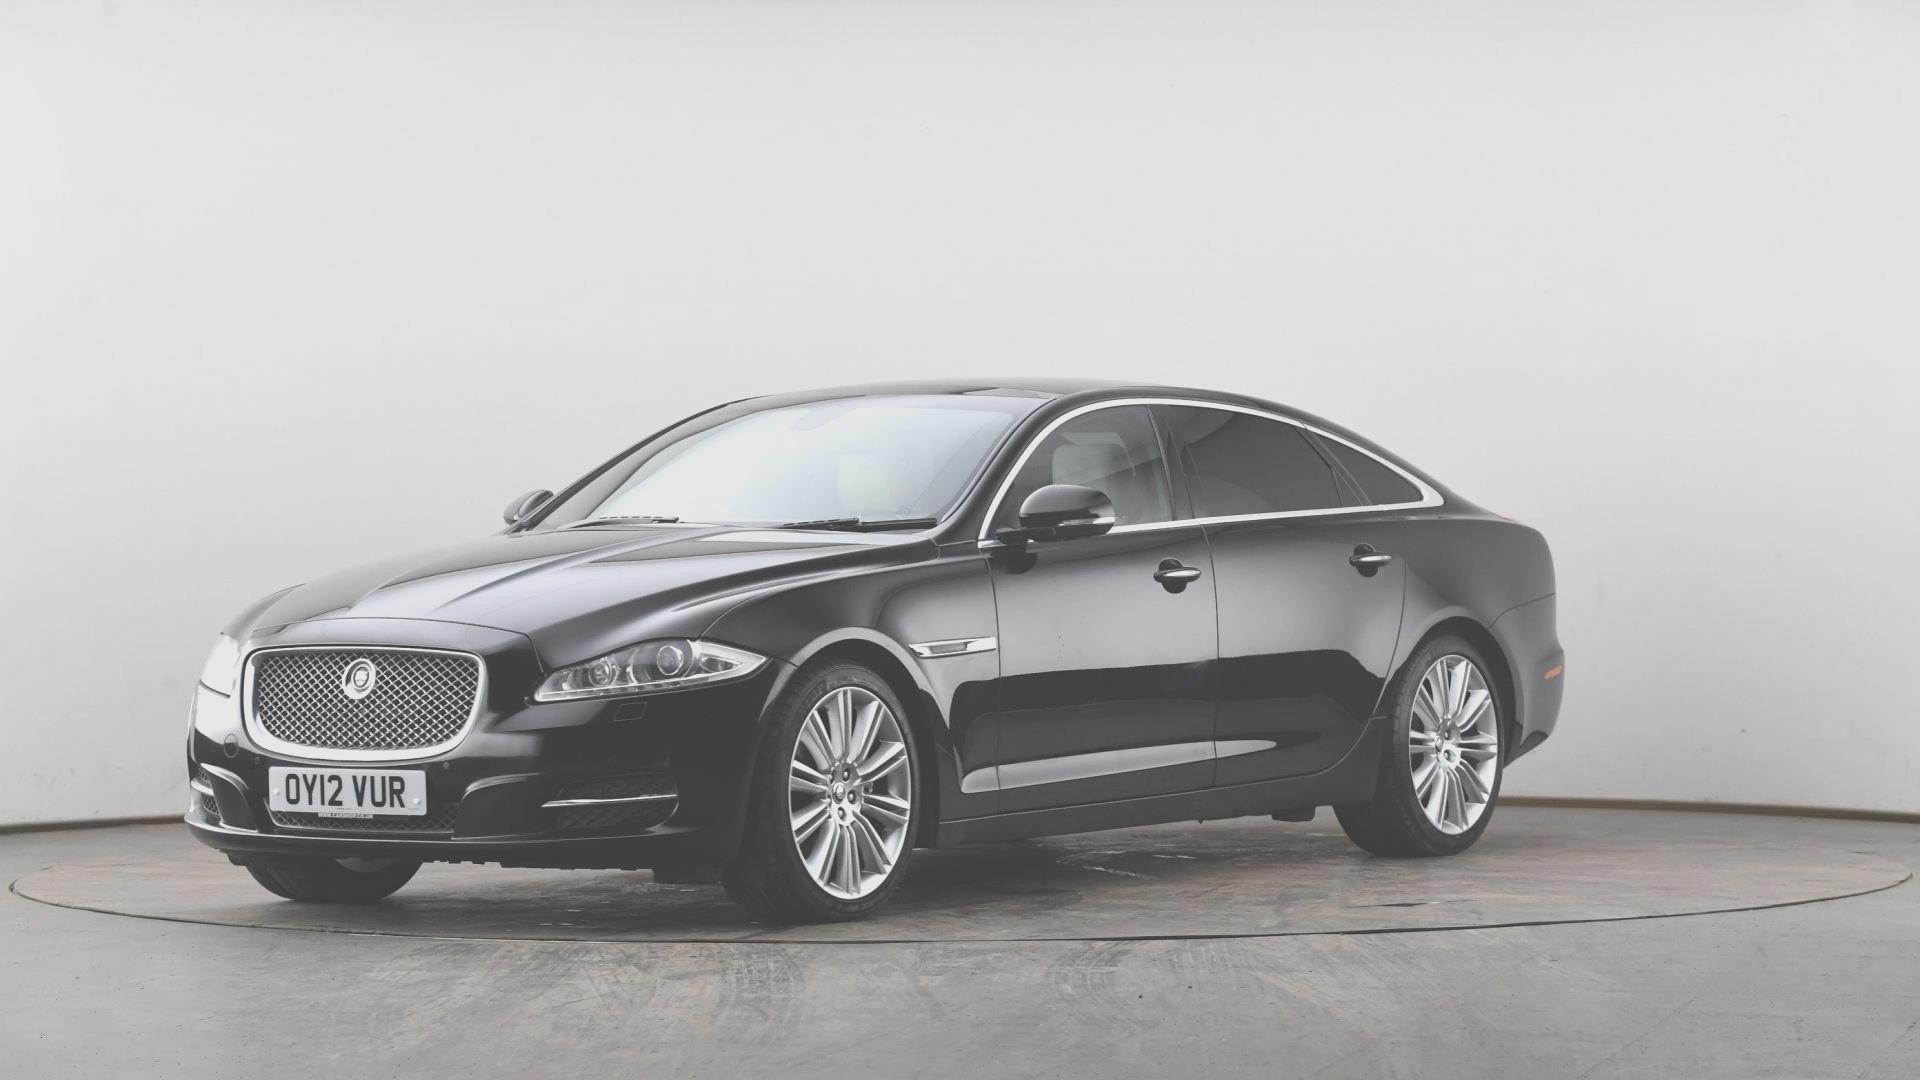 Auto Malvorlage Einfach Neu 45 Neu Ausmalbilder Cars Kostenlos Beste Malvorlage Galerie